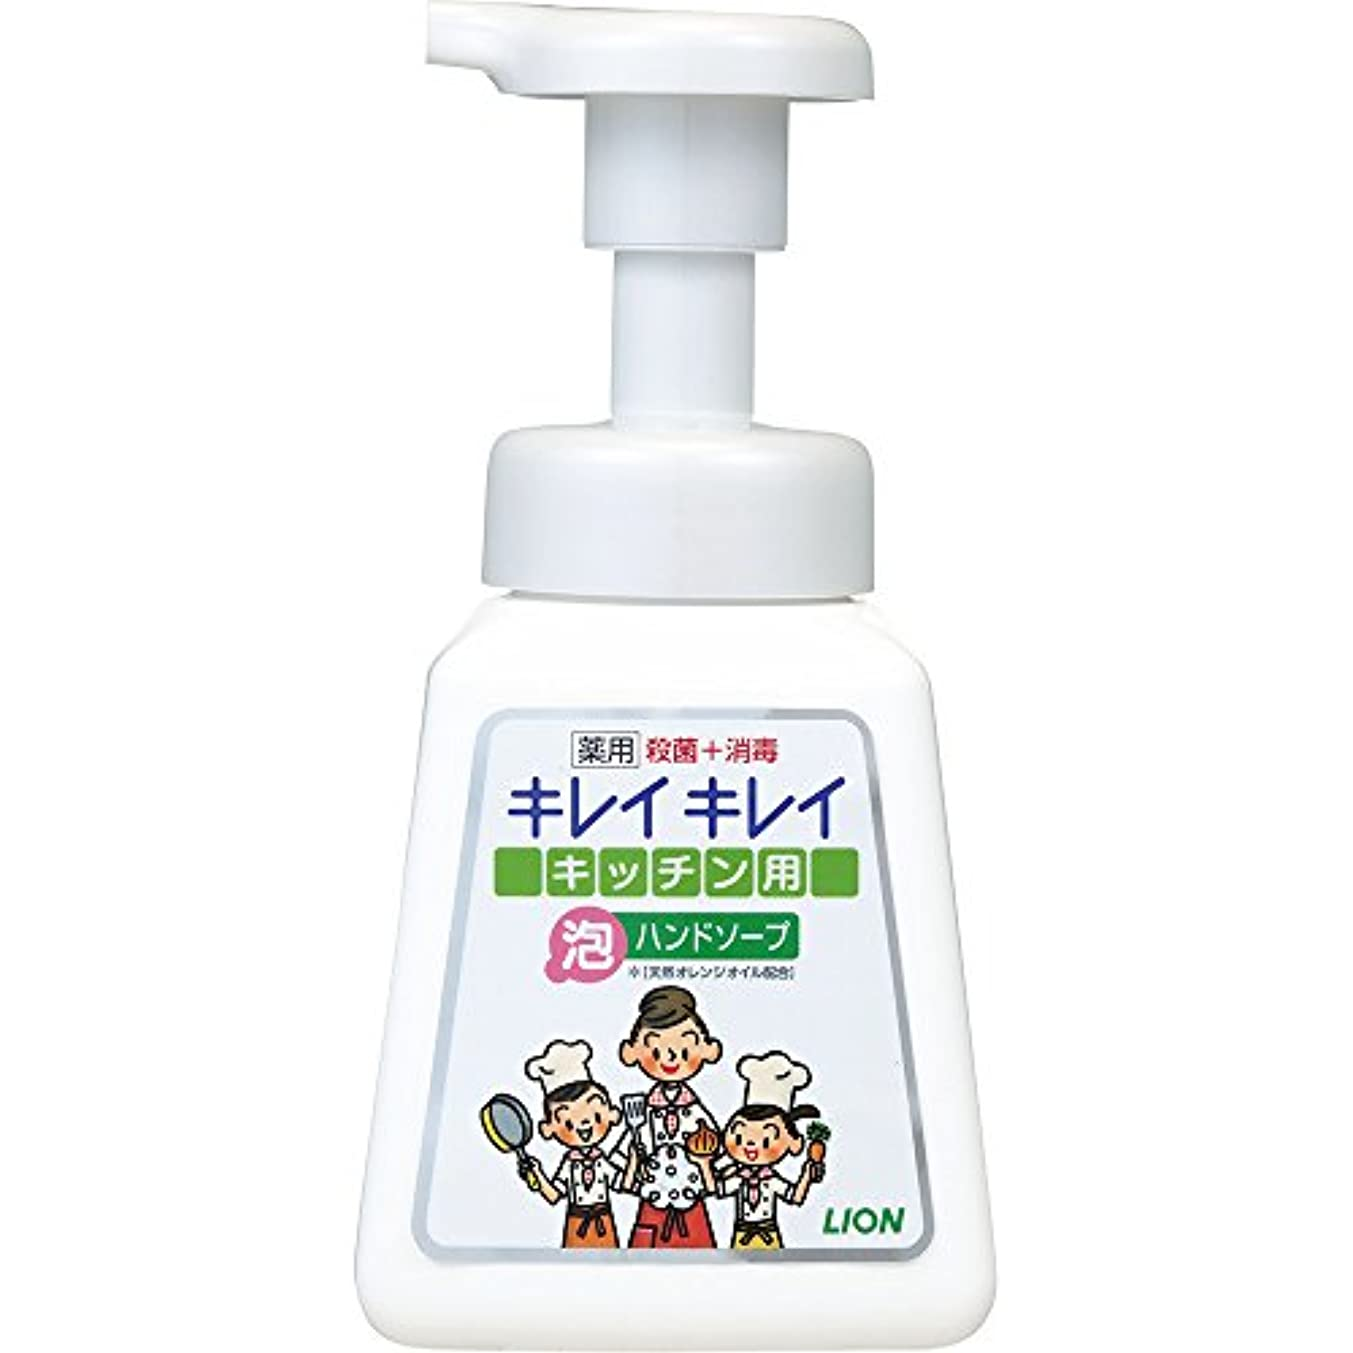 明日薄いですいらいらさせるキレイキレイ 薬用 キッチン泡ハンドソープ 本体ポンプ 230ml(医薬部外品)